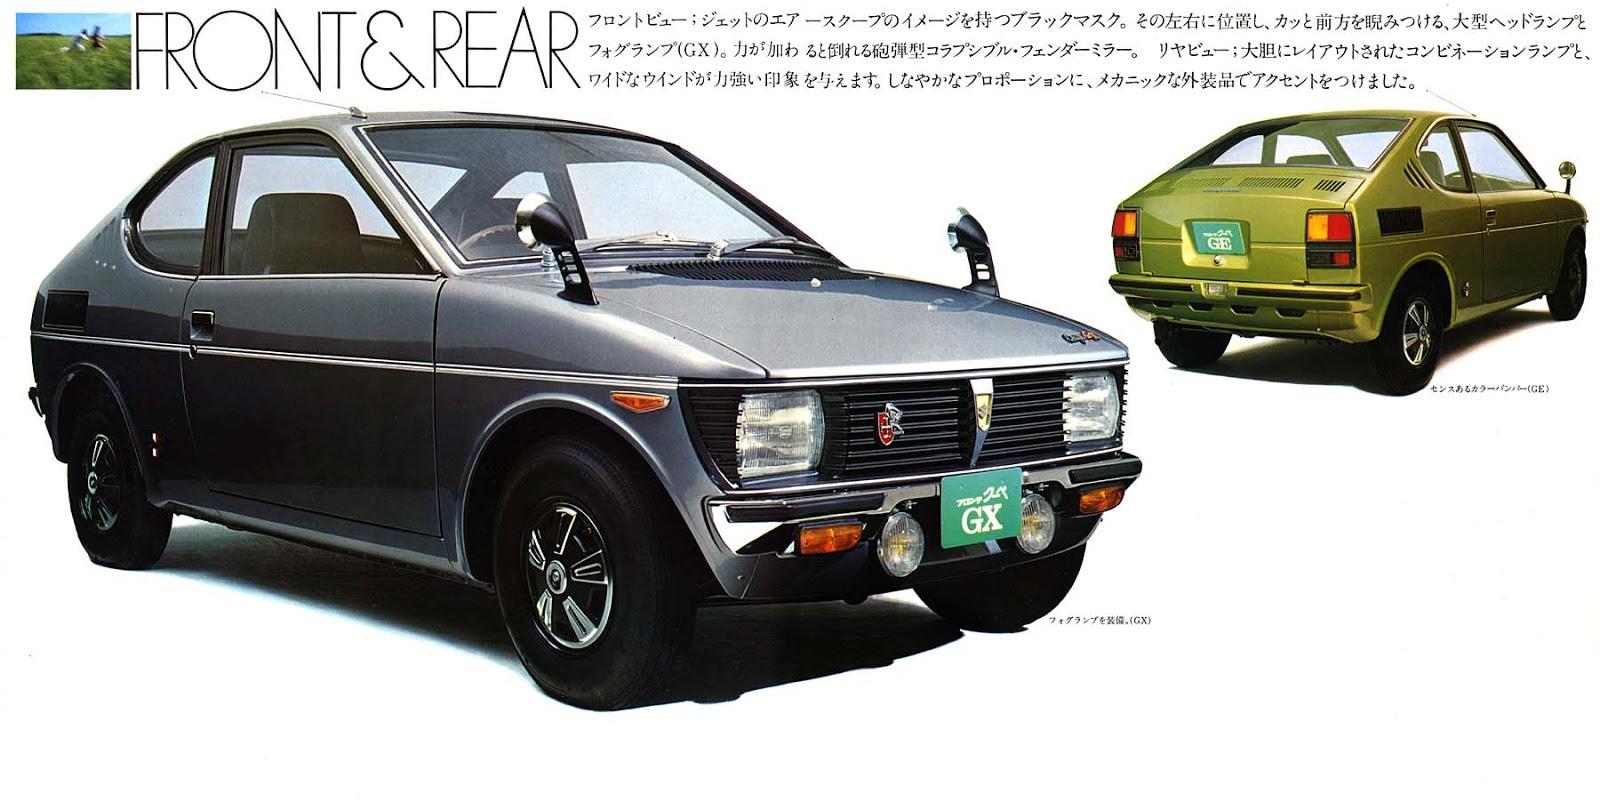 suzuki fronte coupe, mały samochód, kei car, ciekawe małe samochody, silnik 3-cylindrowy